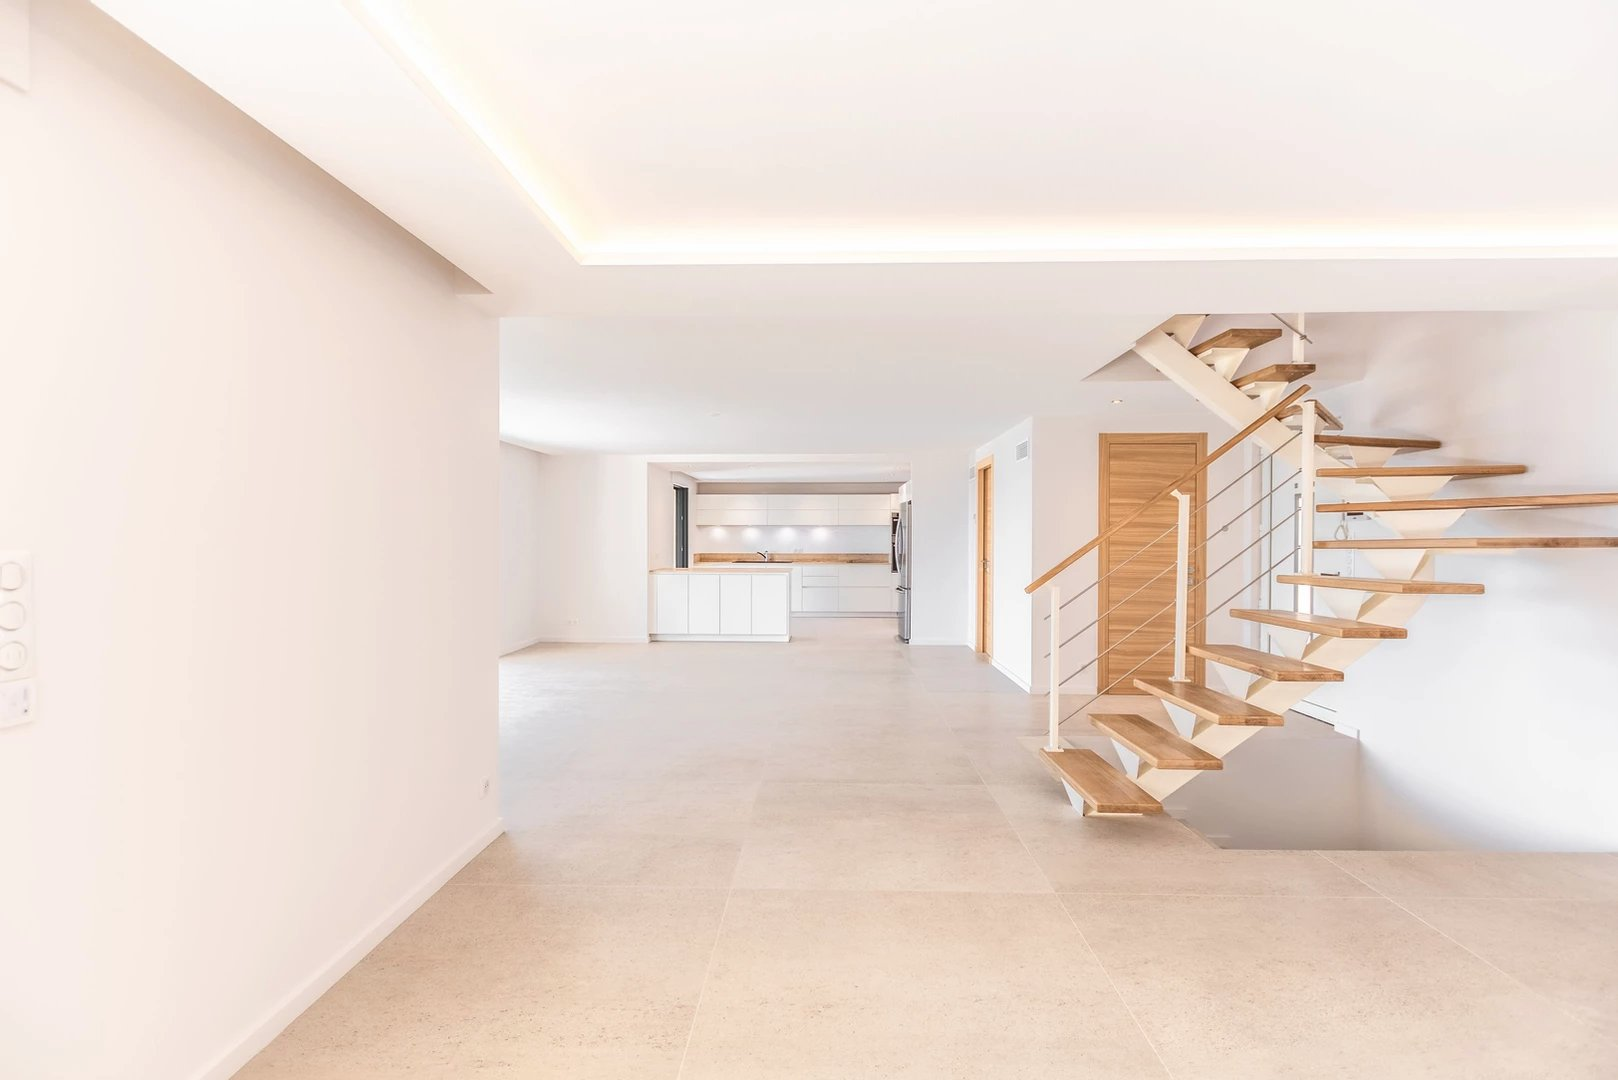 Vendita Casa - Sainte-Maxime - Francia